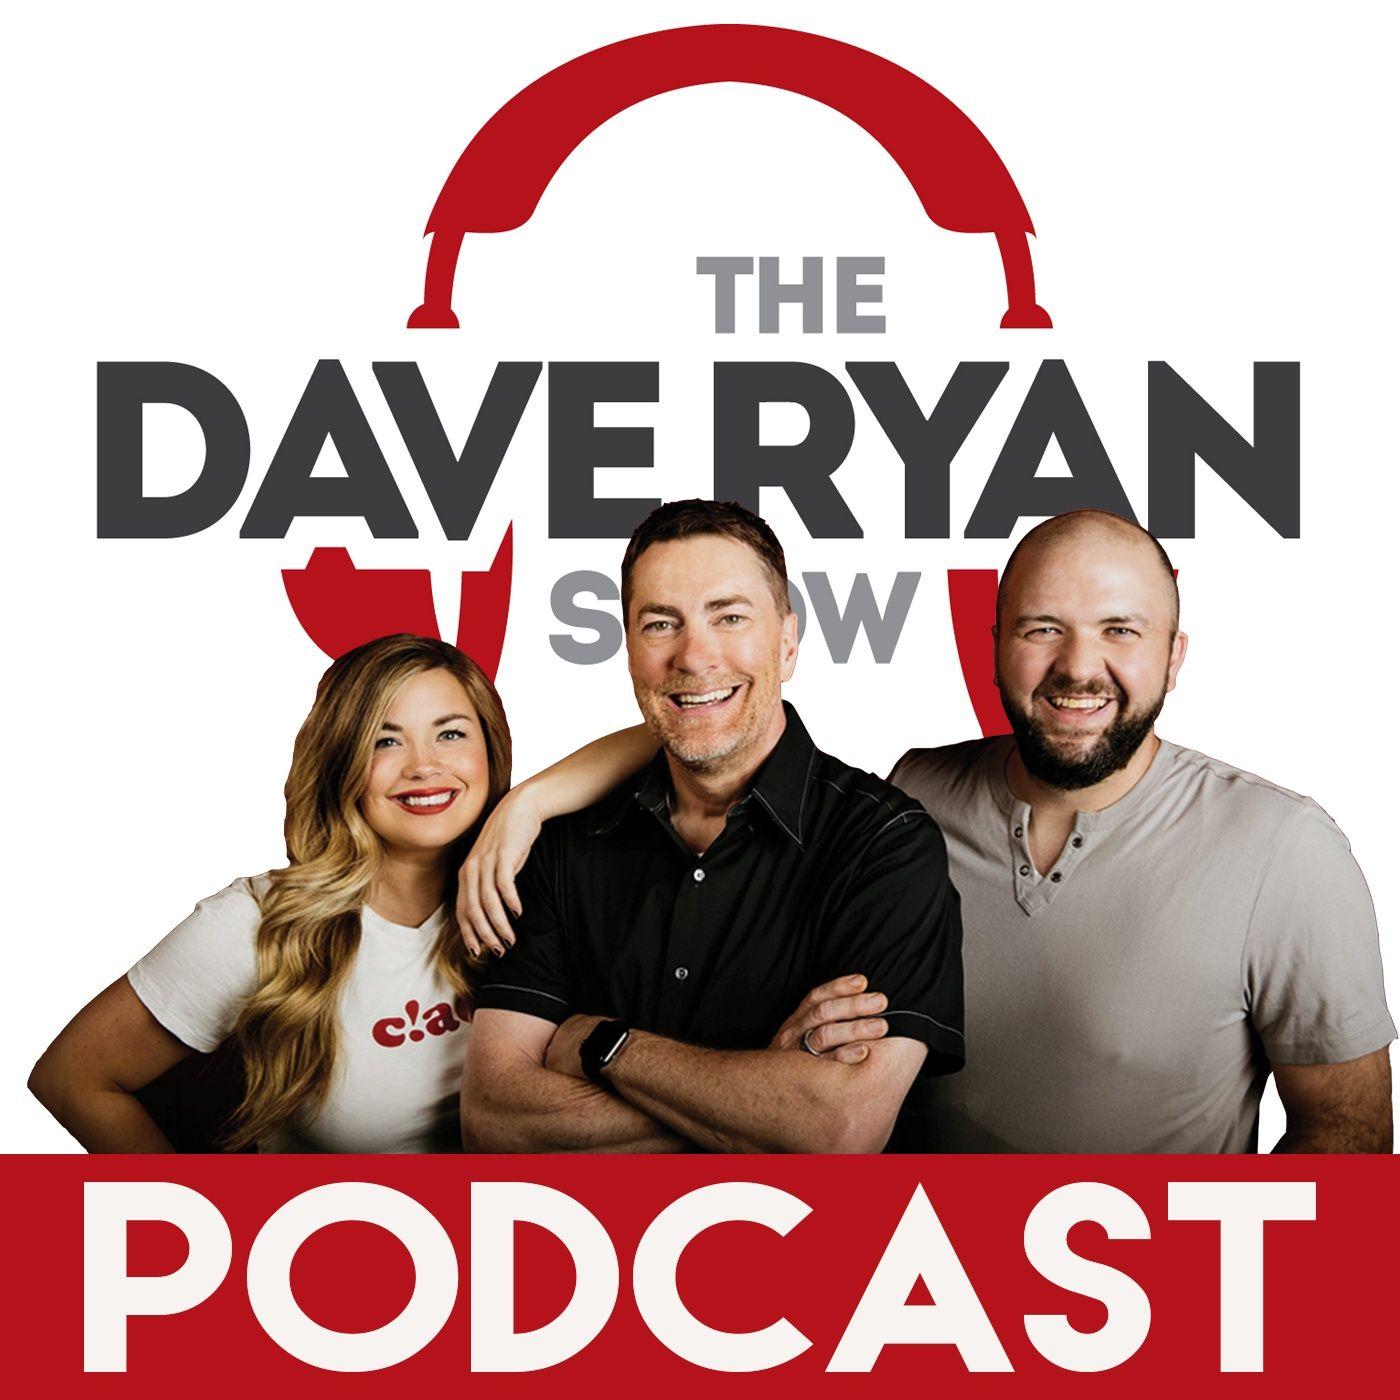 Dave Ryan Show